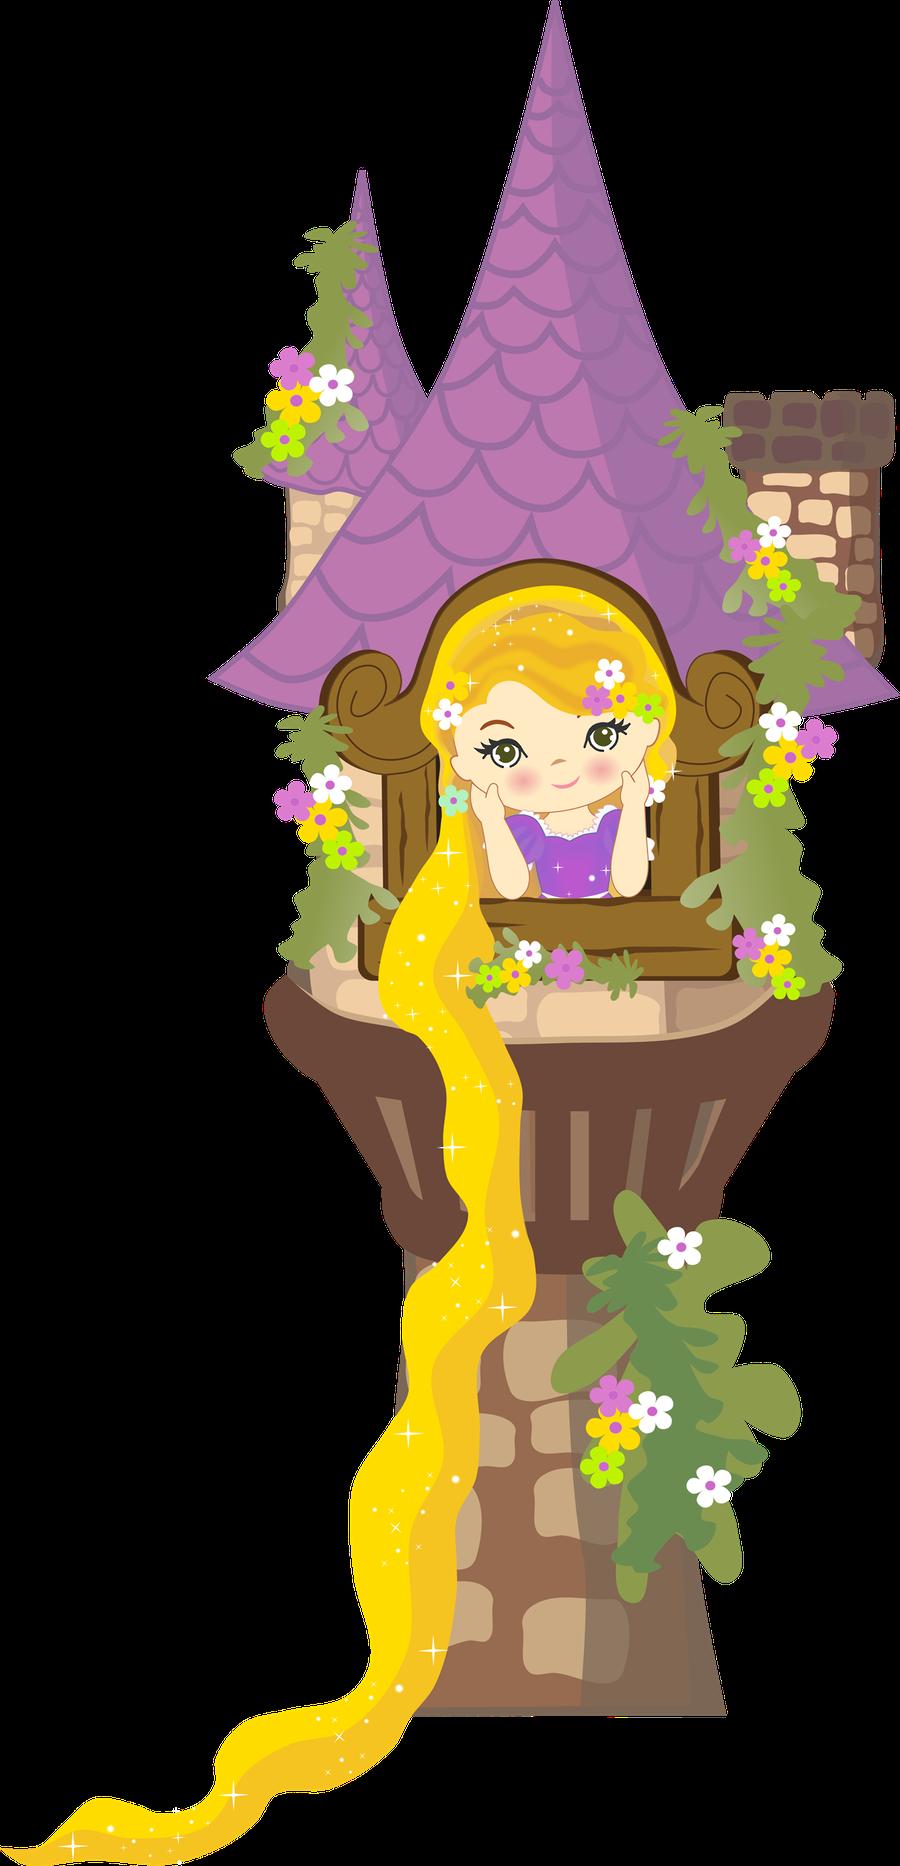 Rapunzel clipart rapunzel castle. Hd freeuse library minus